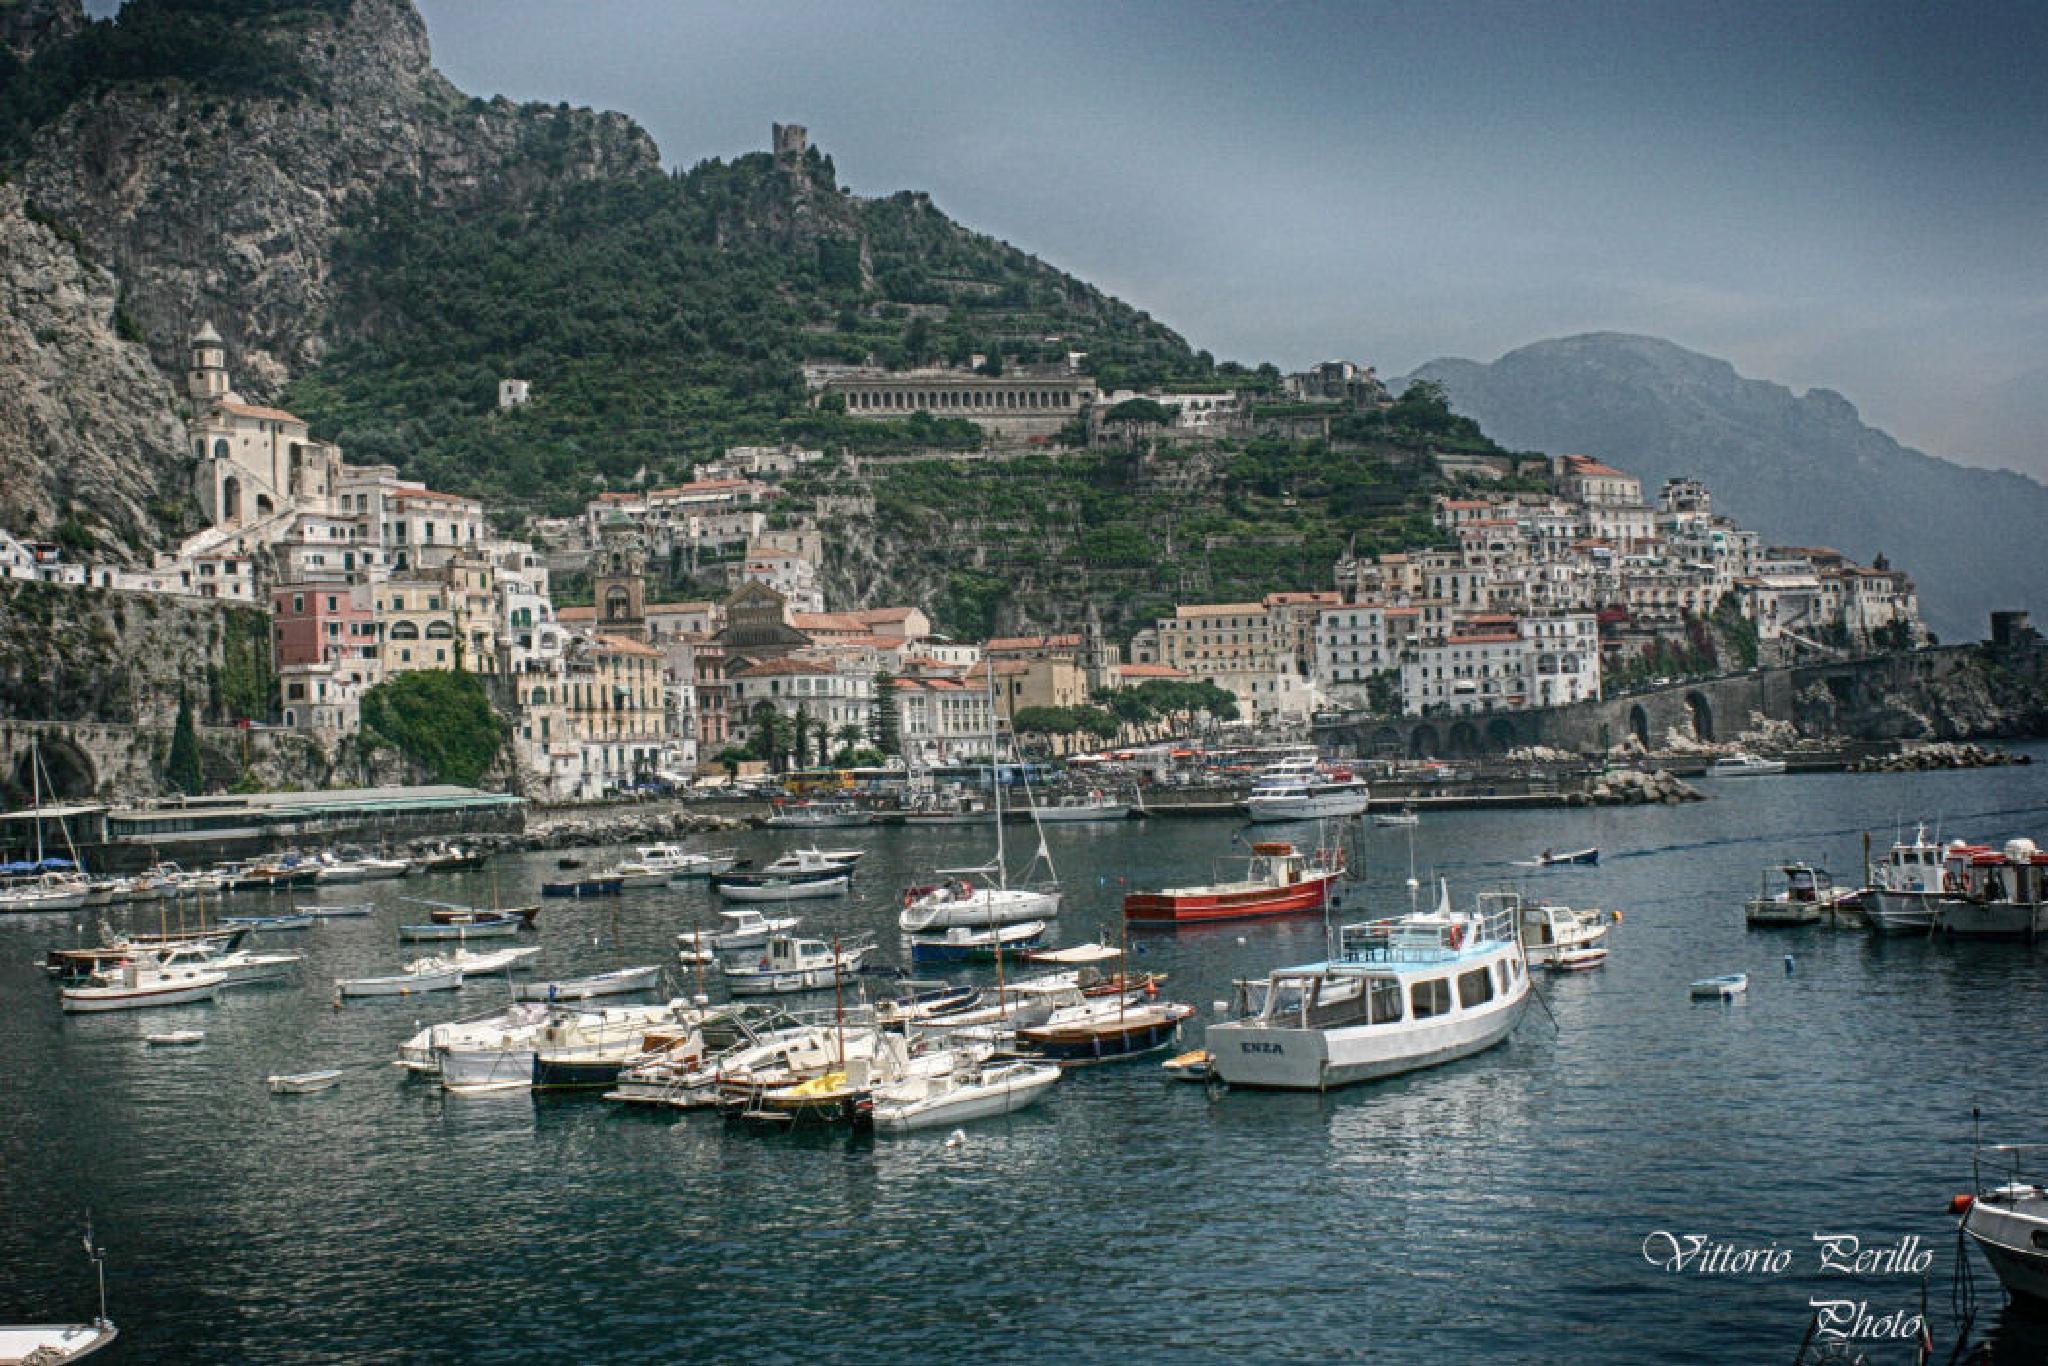 Amalfi by Vittorio Perillo